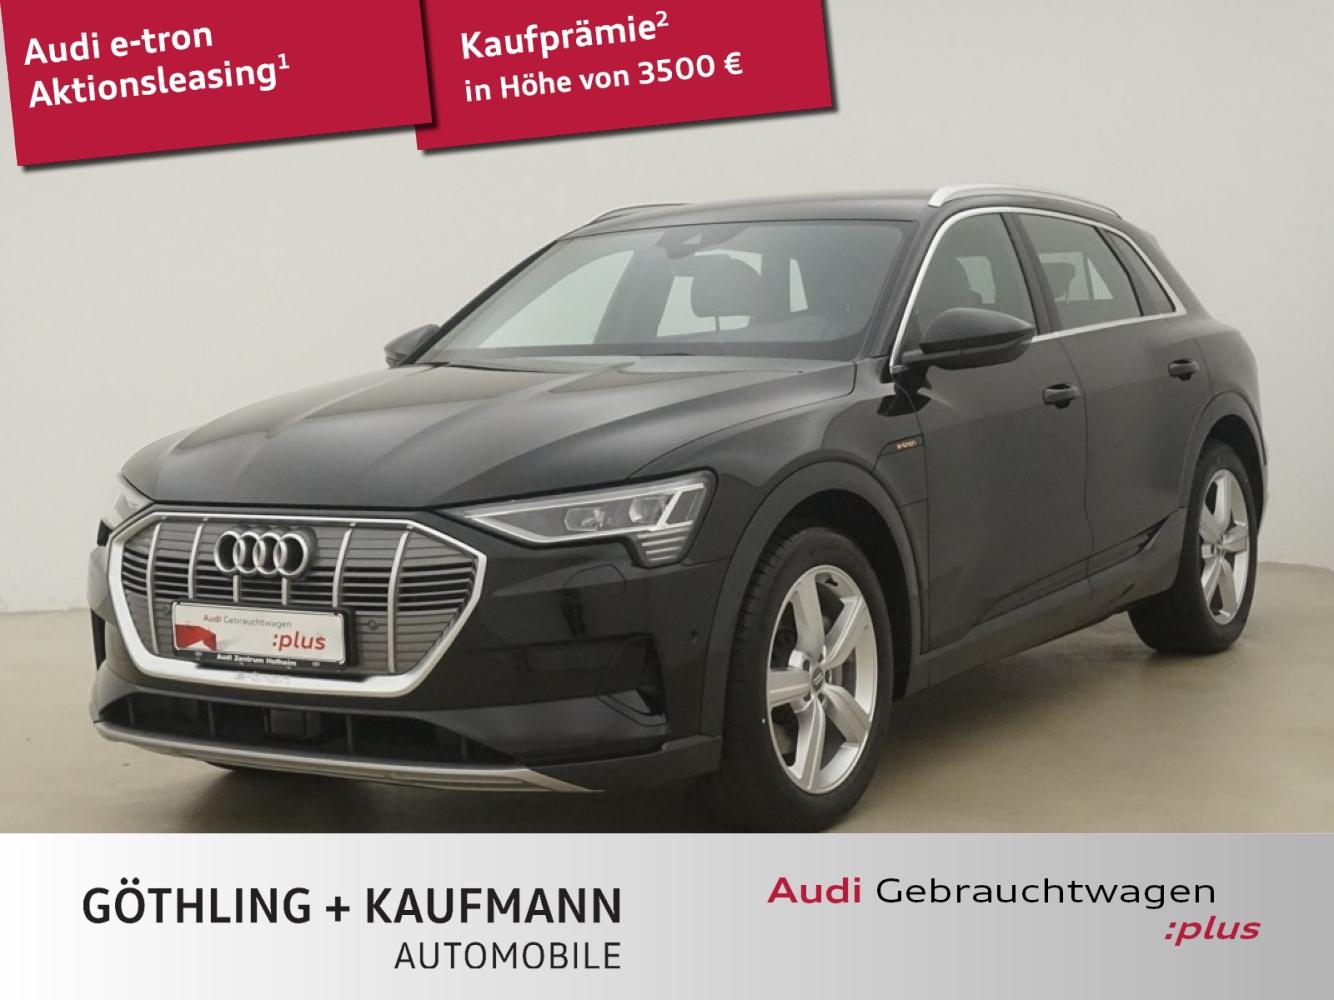 Audi e-tron 55 qu advanced 300kW*Air*Kamera*Tour*Spor, Jahr 2020, Elektro